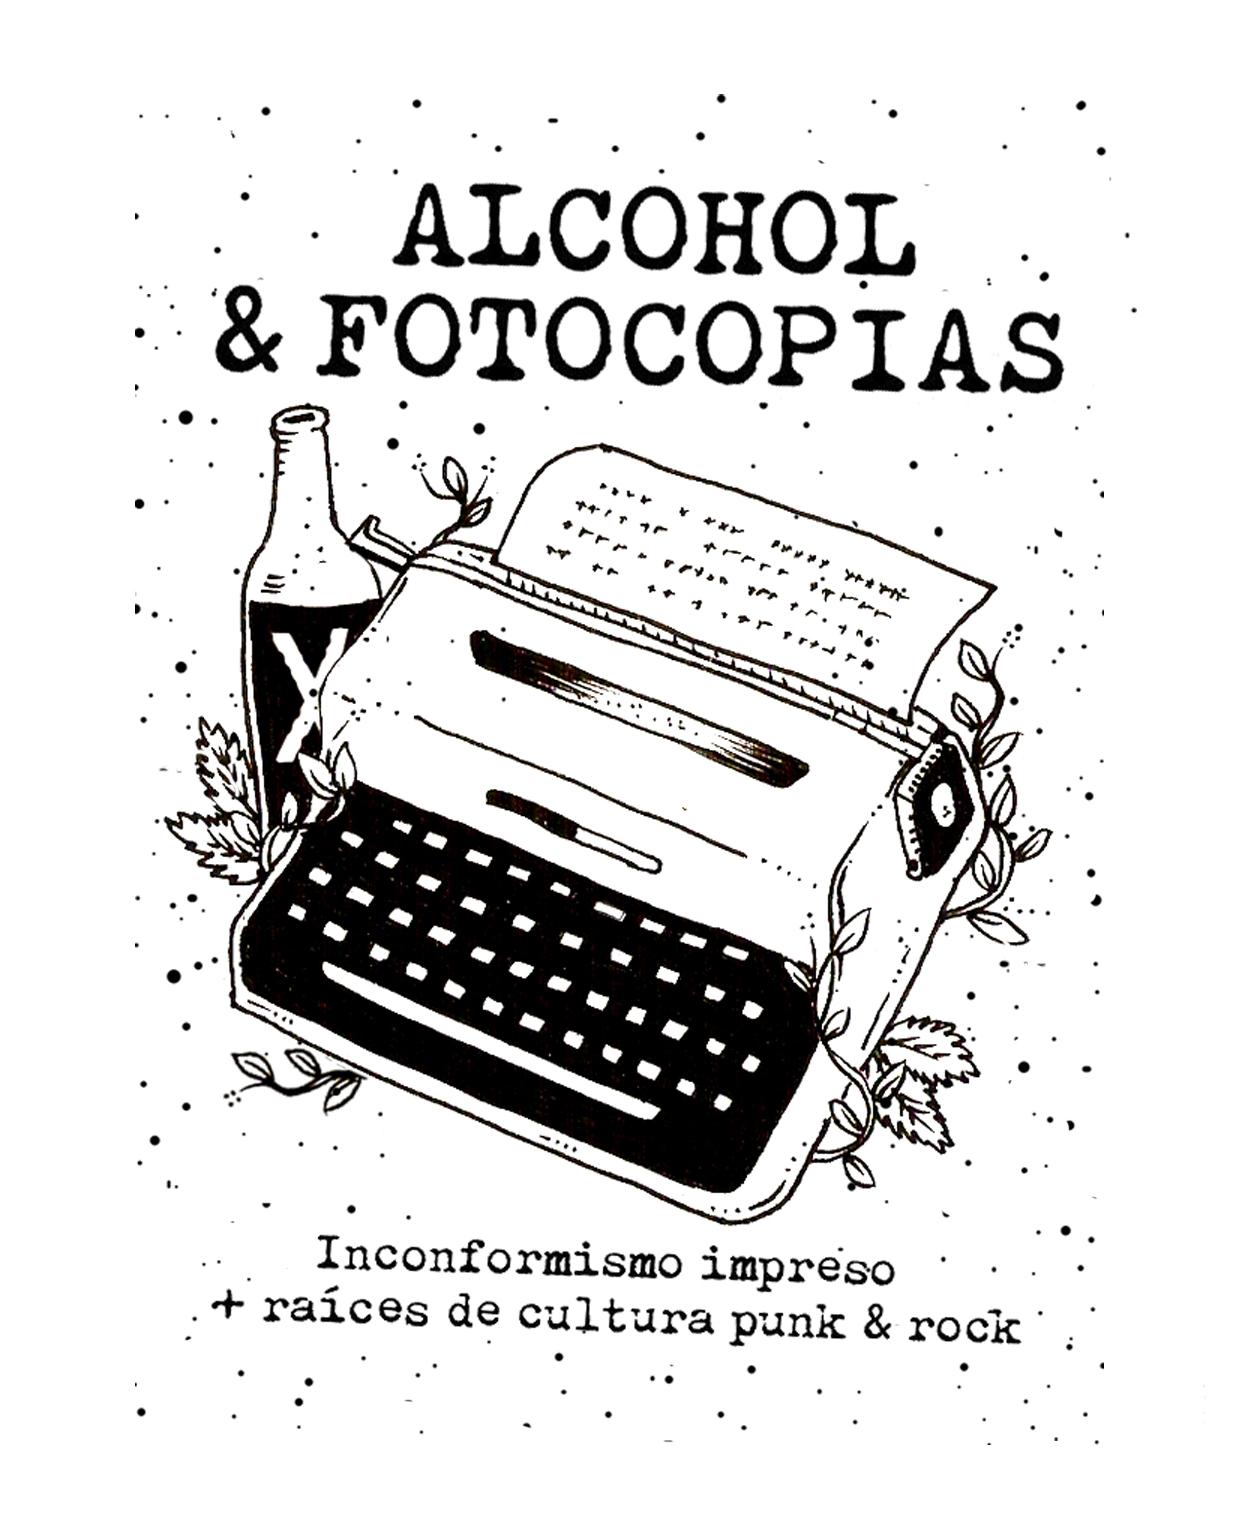 ayf-tshirt-alta - alcoholyfotocopias ediciones